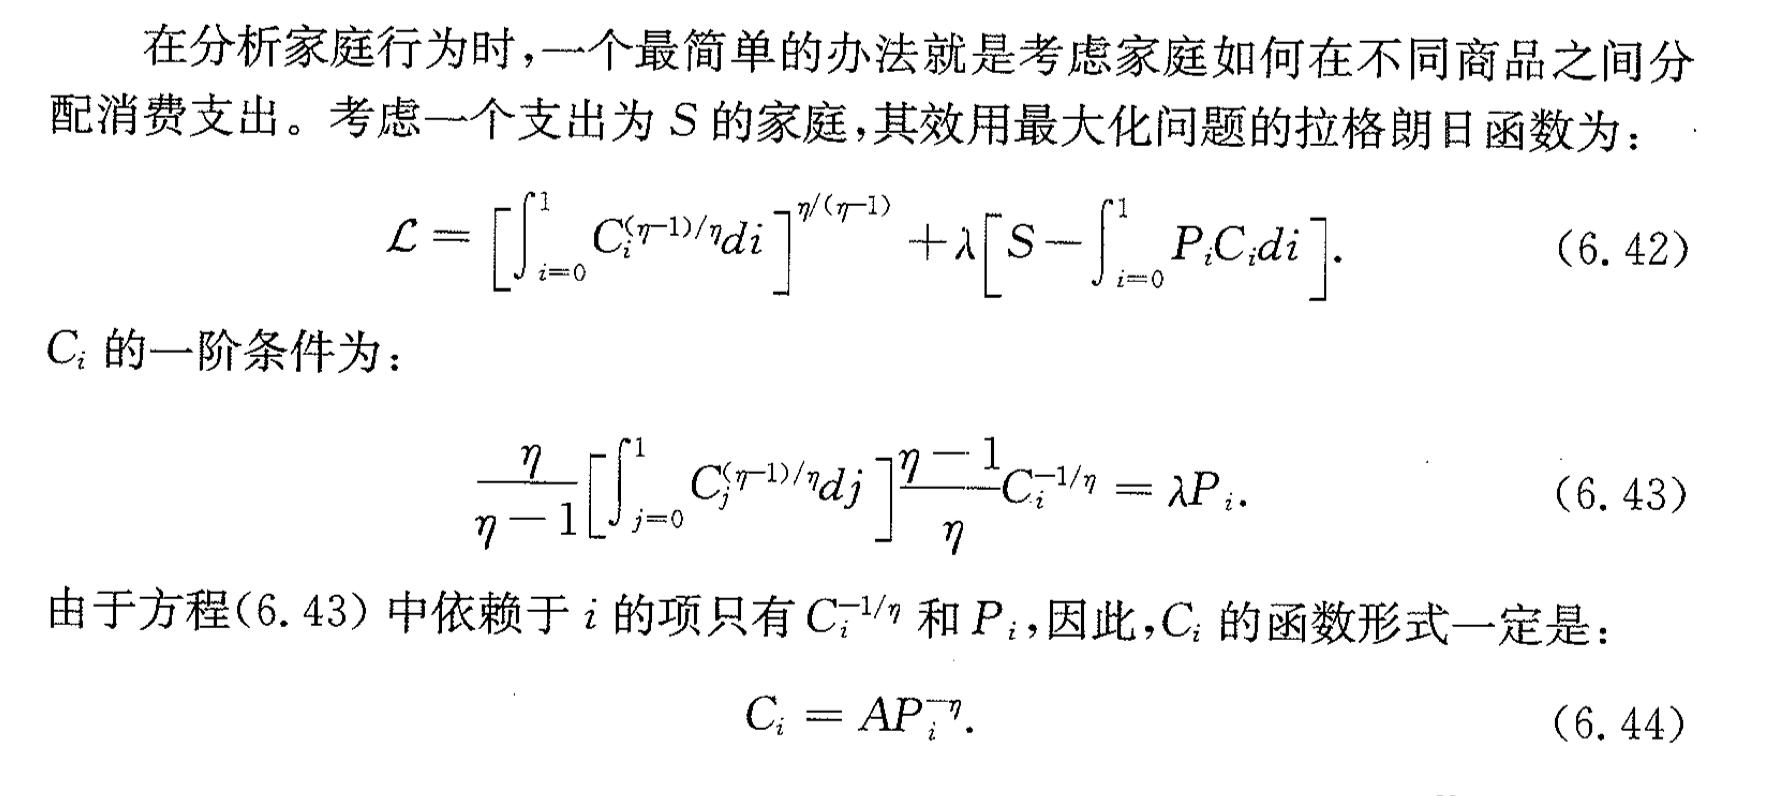 某宏观经济中的总量生产函数_三角函数图像